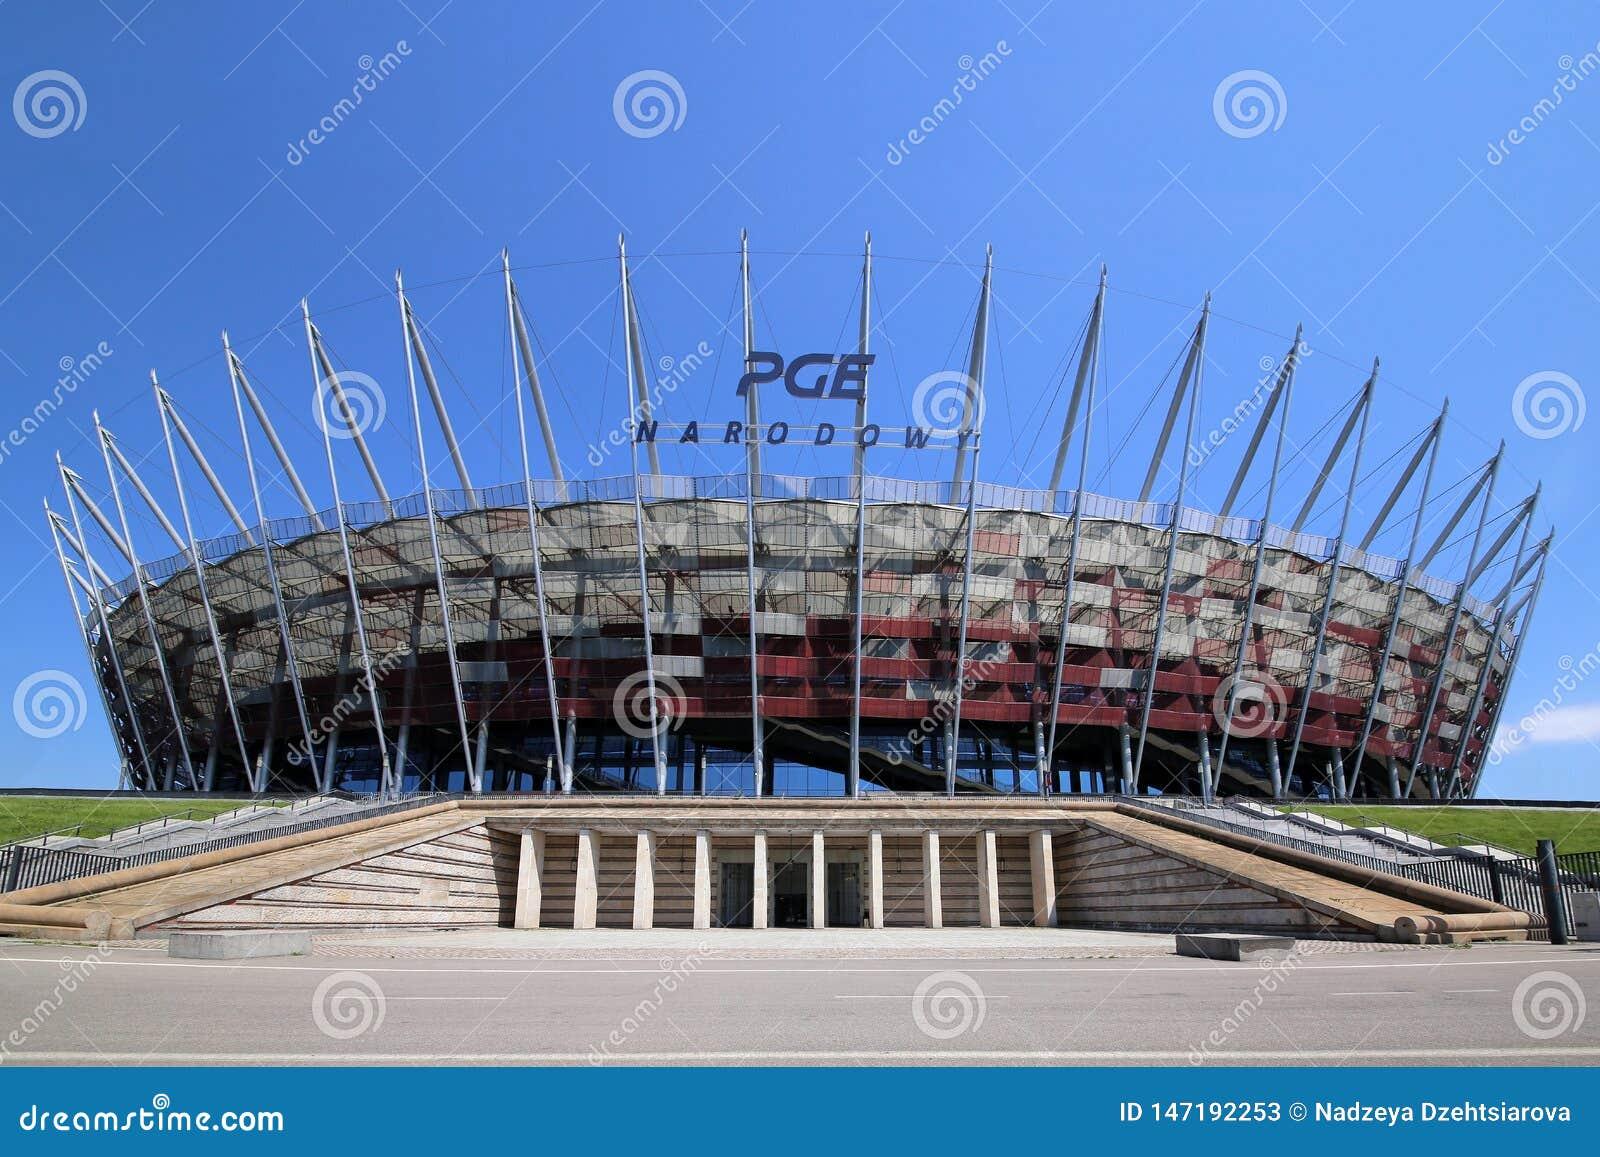 Nationaal stadion in Warshau